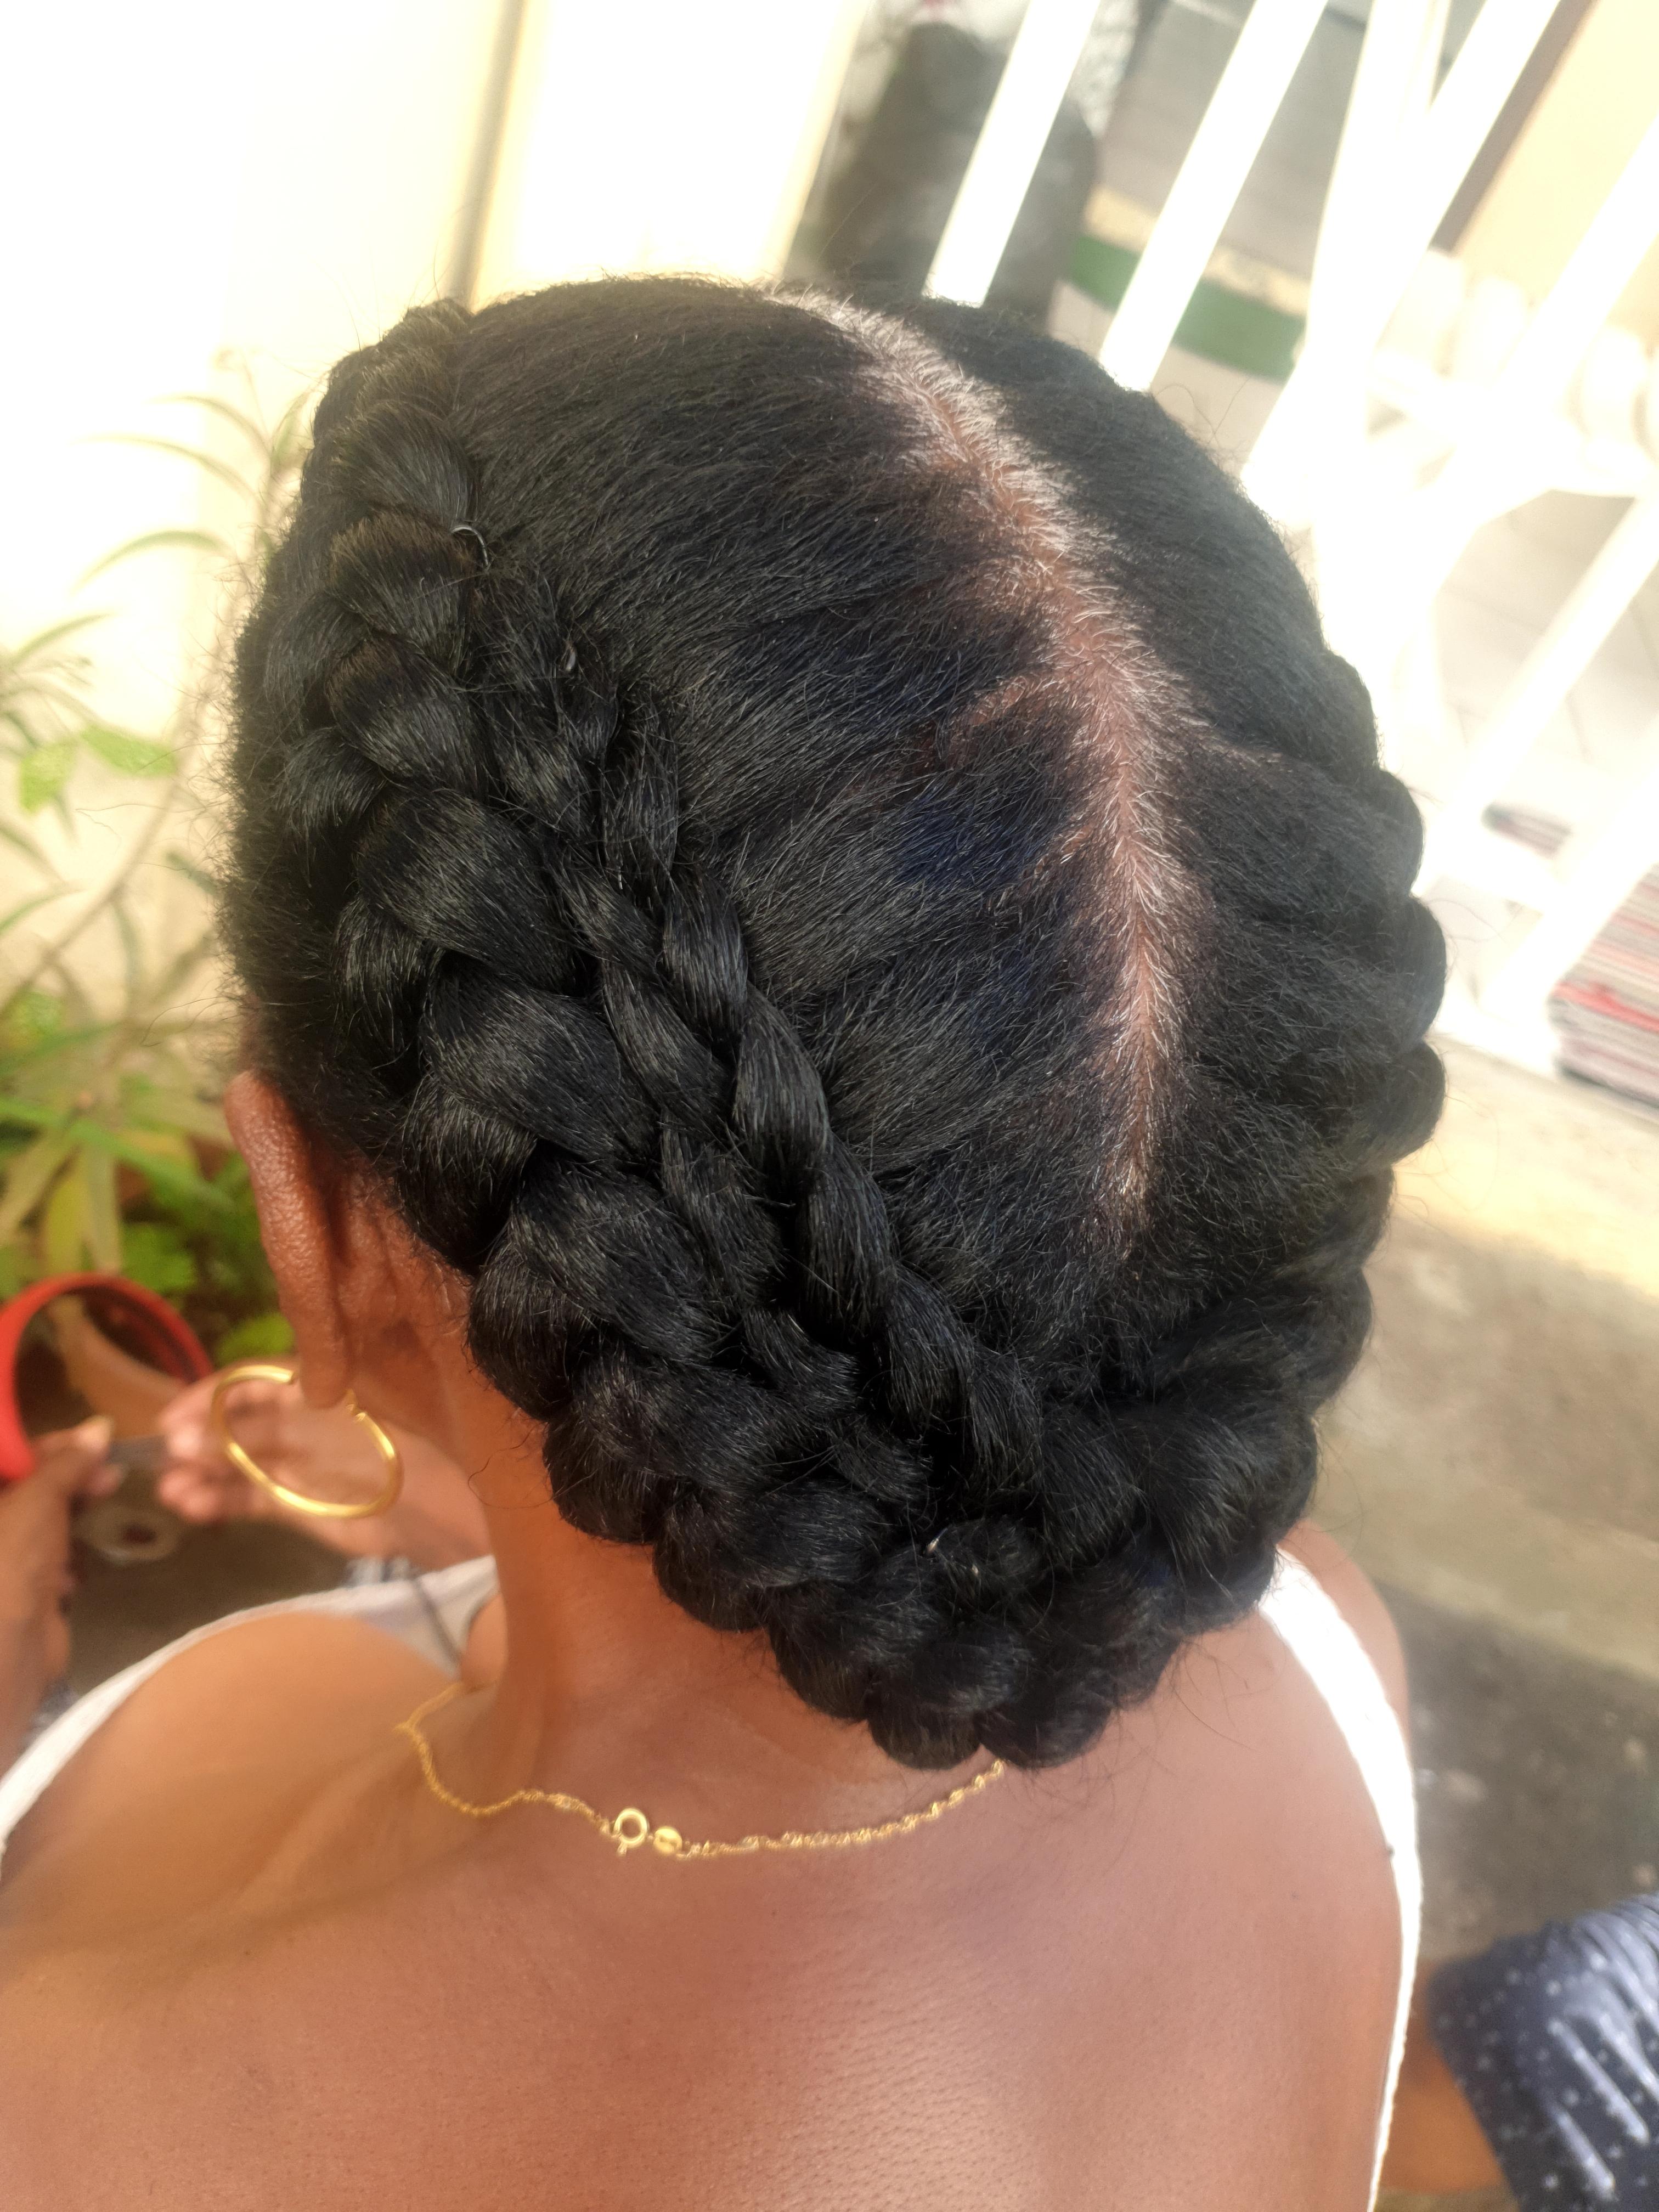 salon de coiffure afro tresse tresses box braids crochet braids vanilles tissages paris 75 77 78 91 92 93 94 95 QEXHSYRV